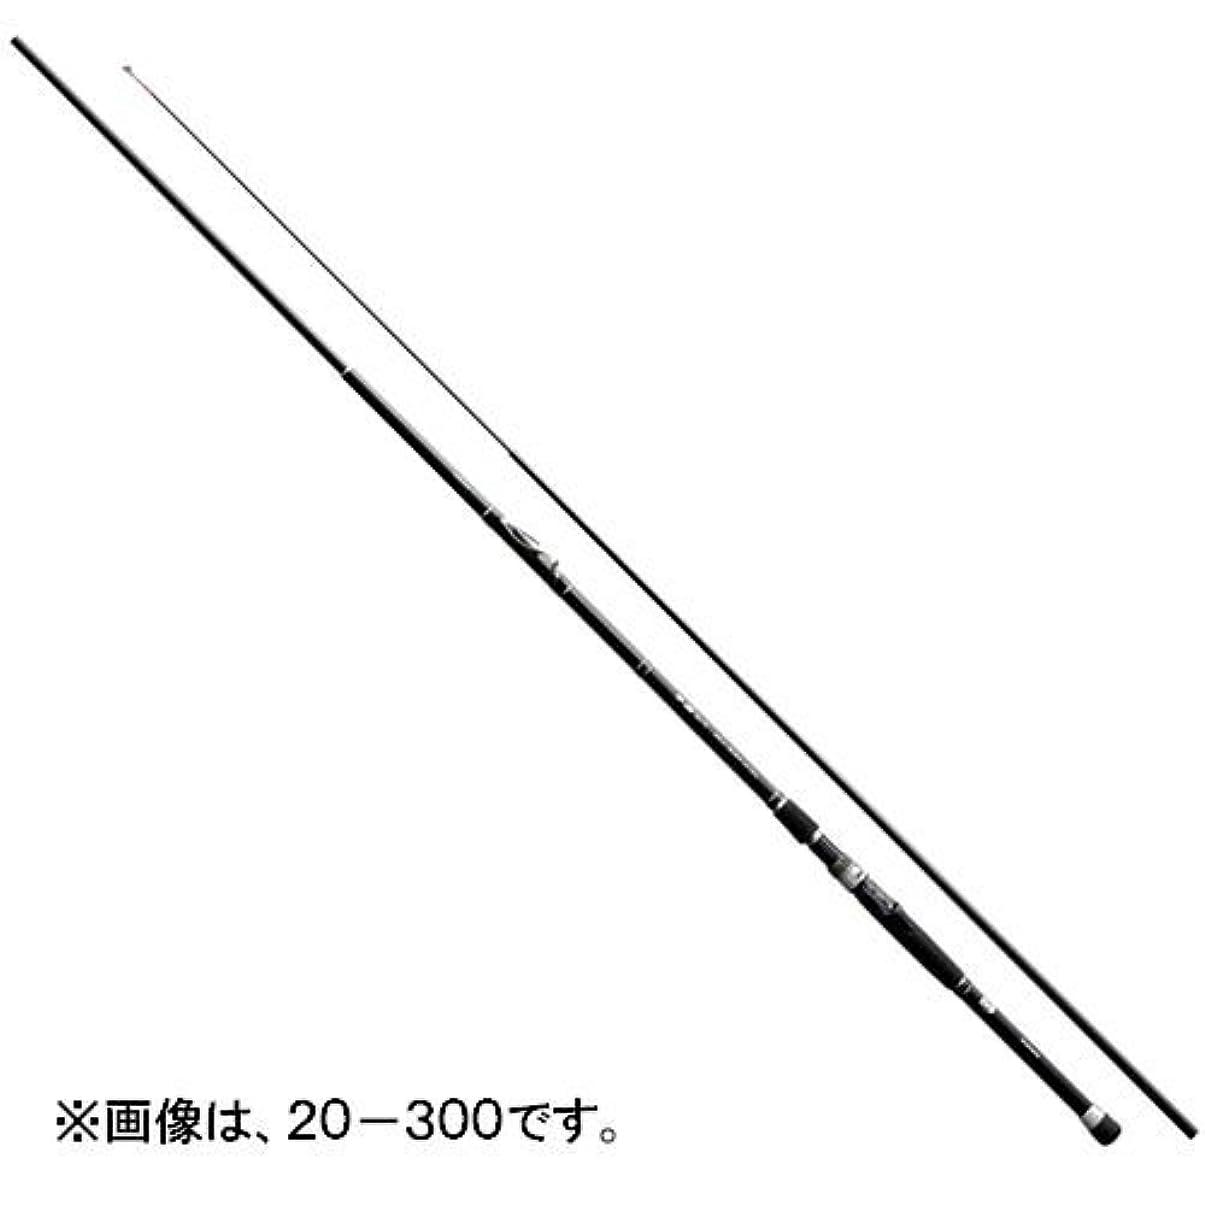 殺人者チャーミングブランド名シマノ ロッド 早潮SI-T 20-350